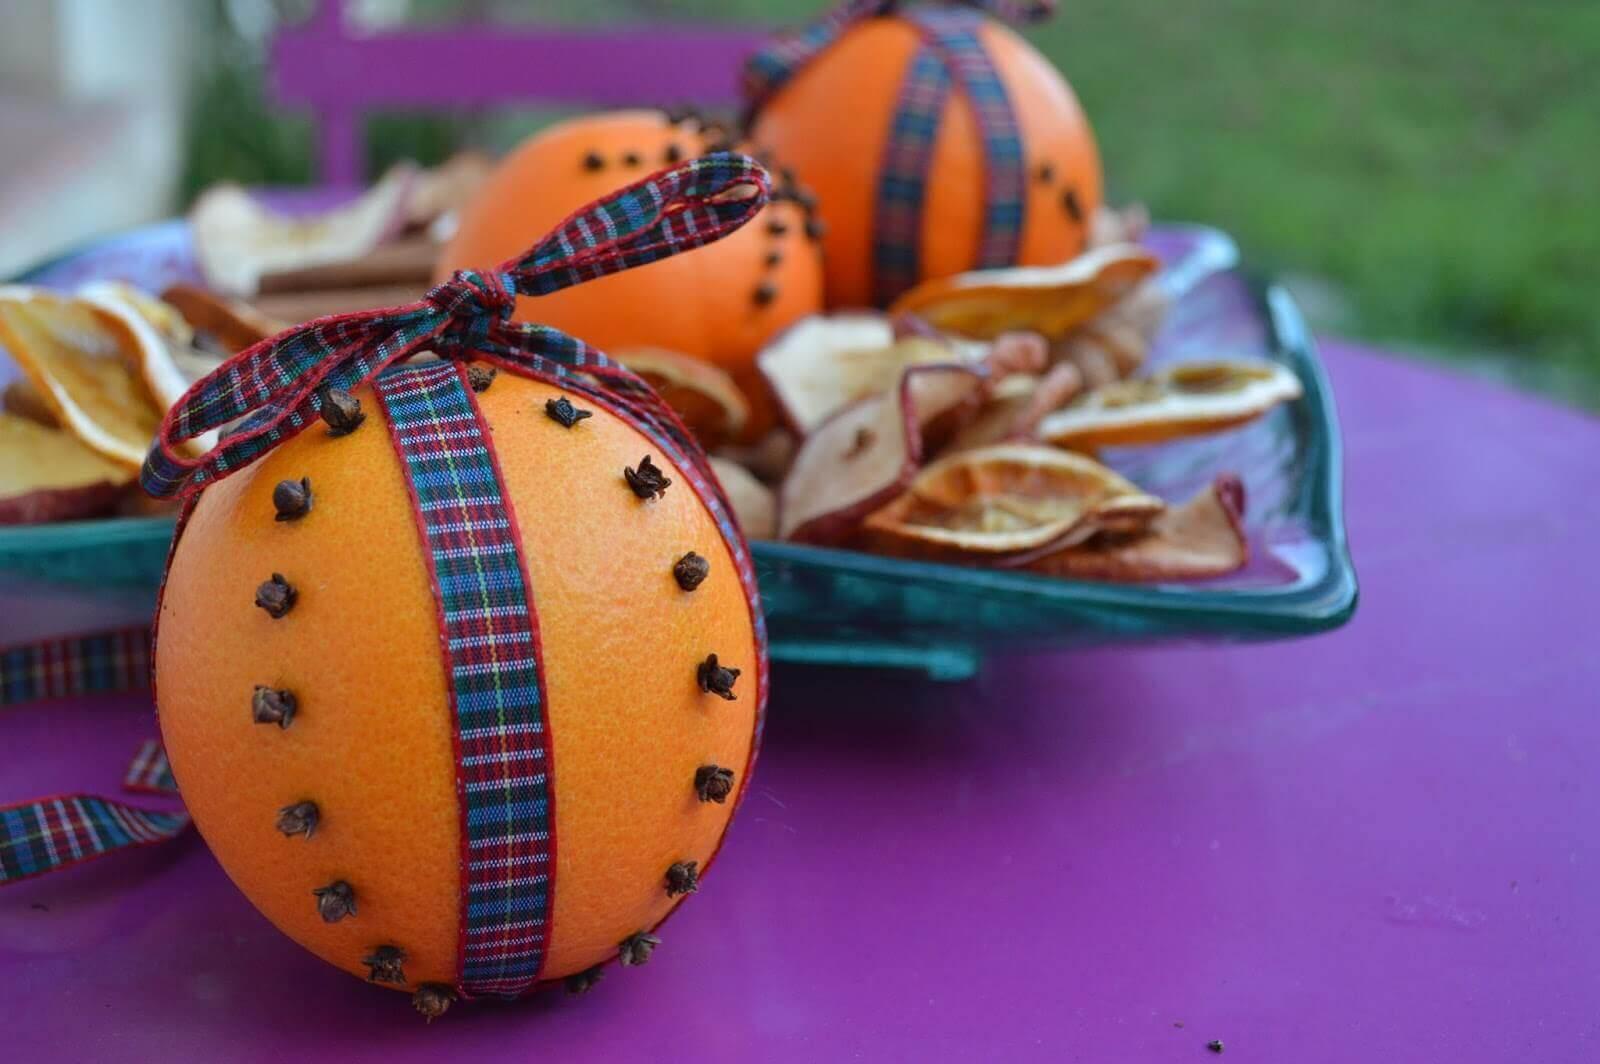 Dekorerede appelsiner